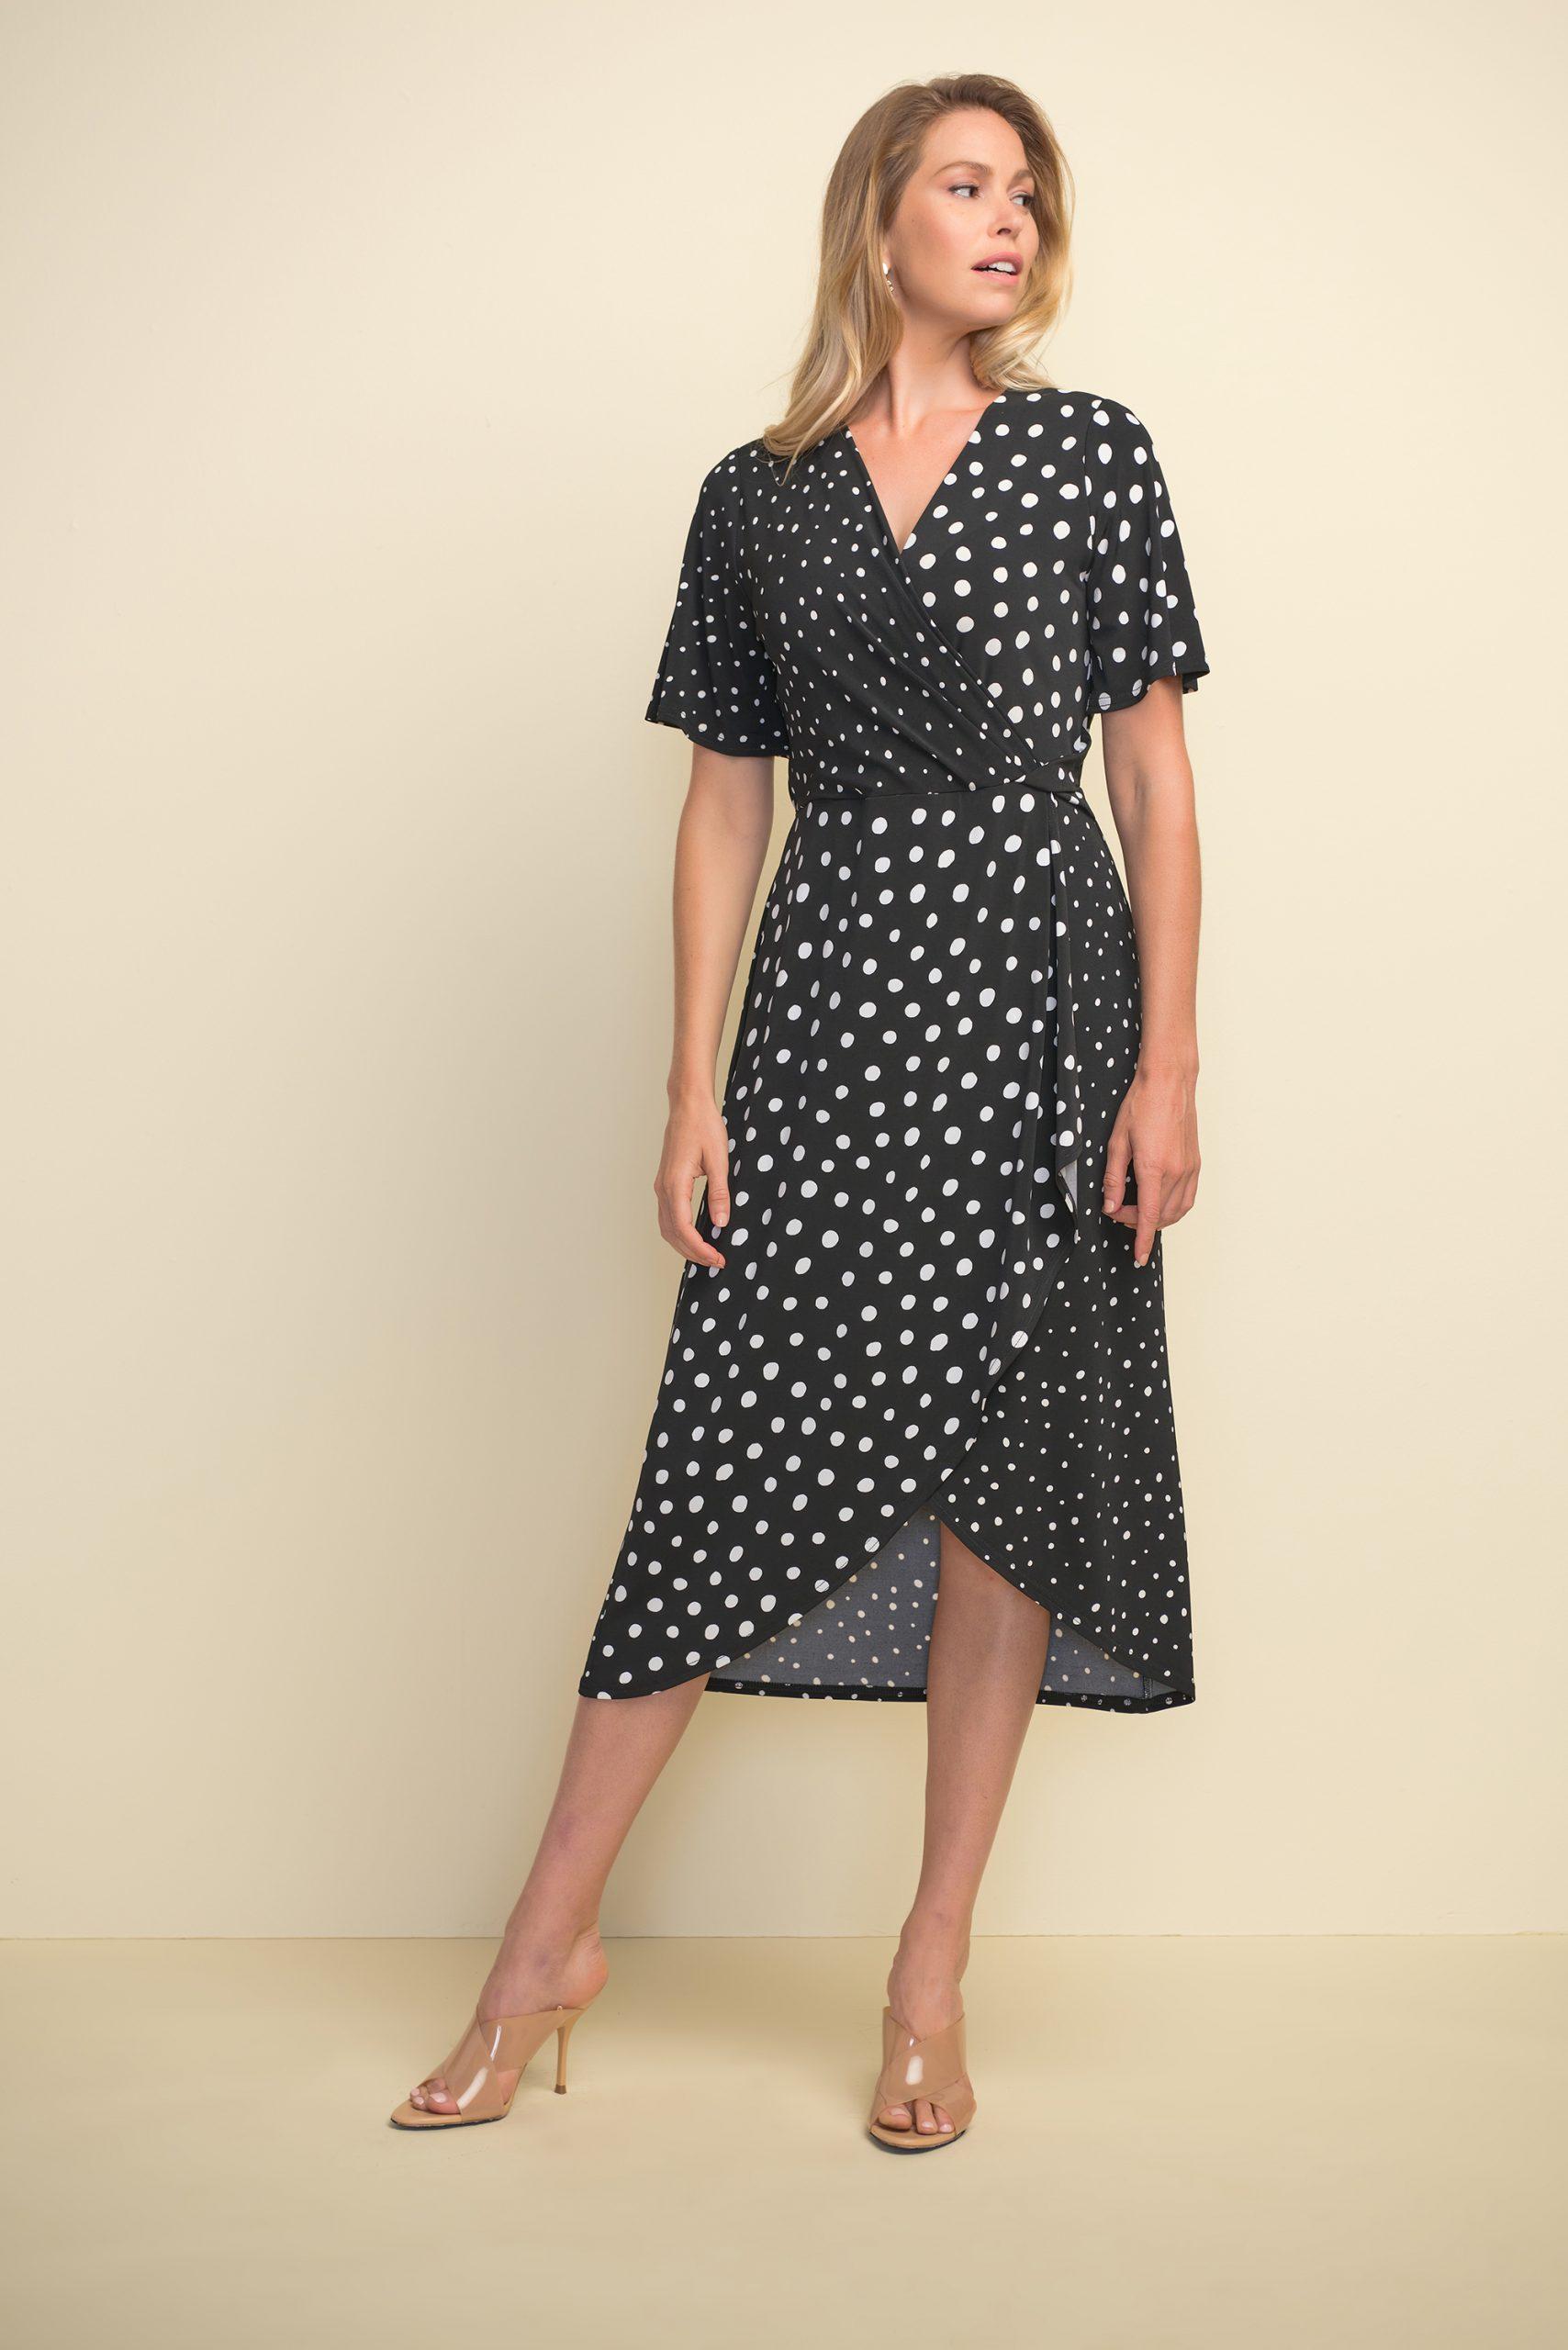 Joseph Ribkoff dress 211235 black and white spot